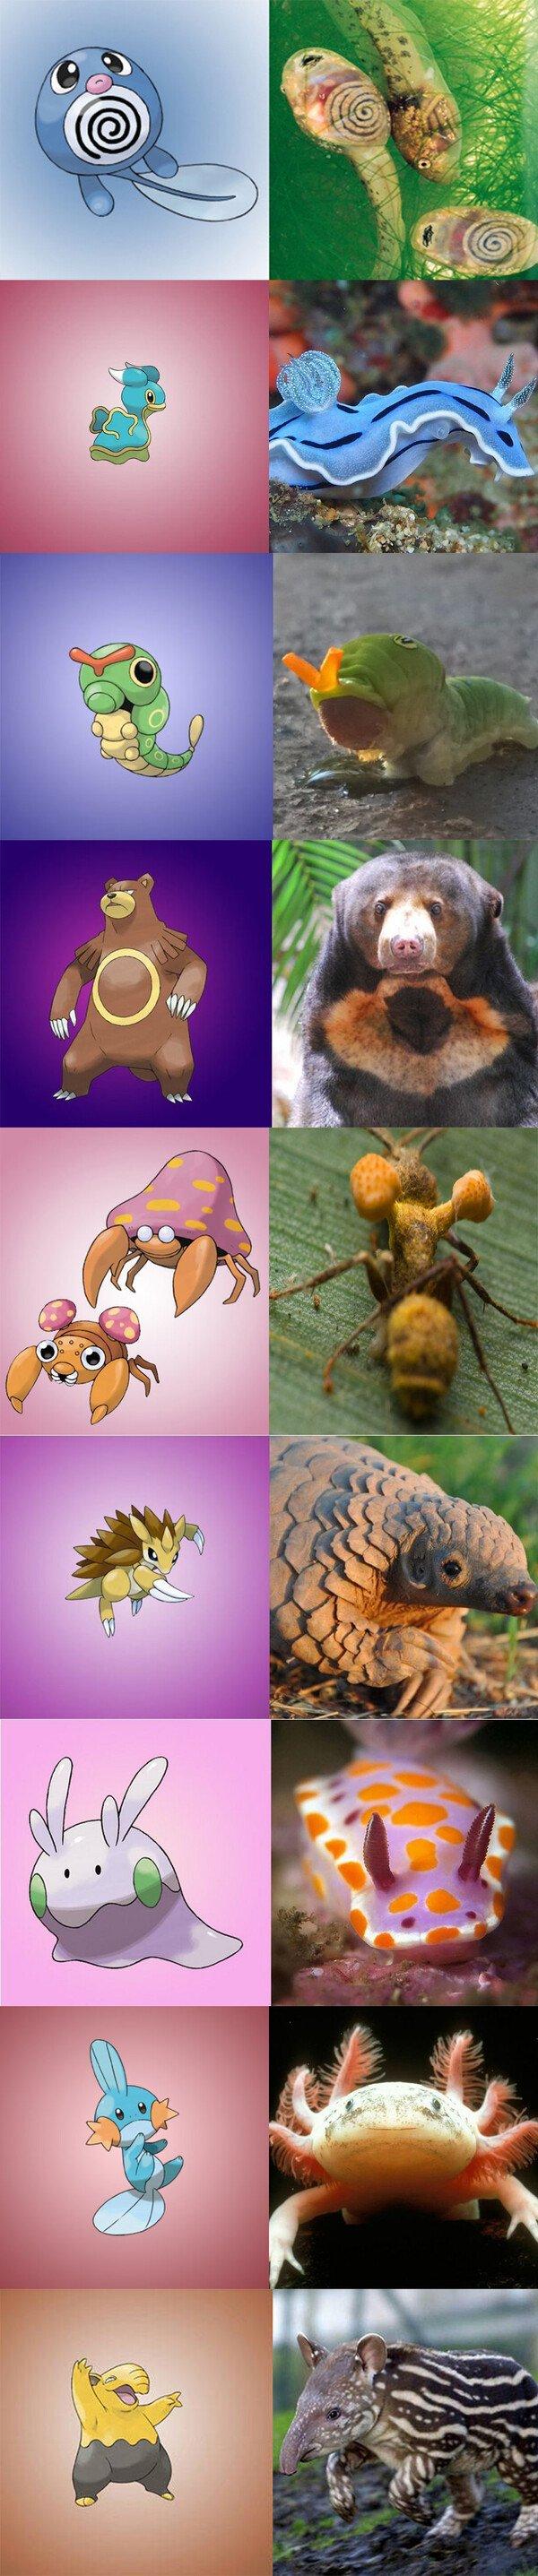 Meme_otros - ¿Quién dijo que los Pokémon no existían?